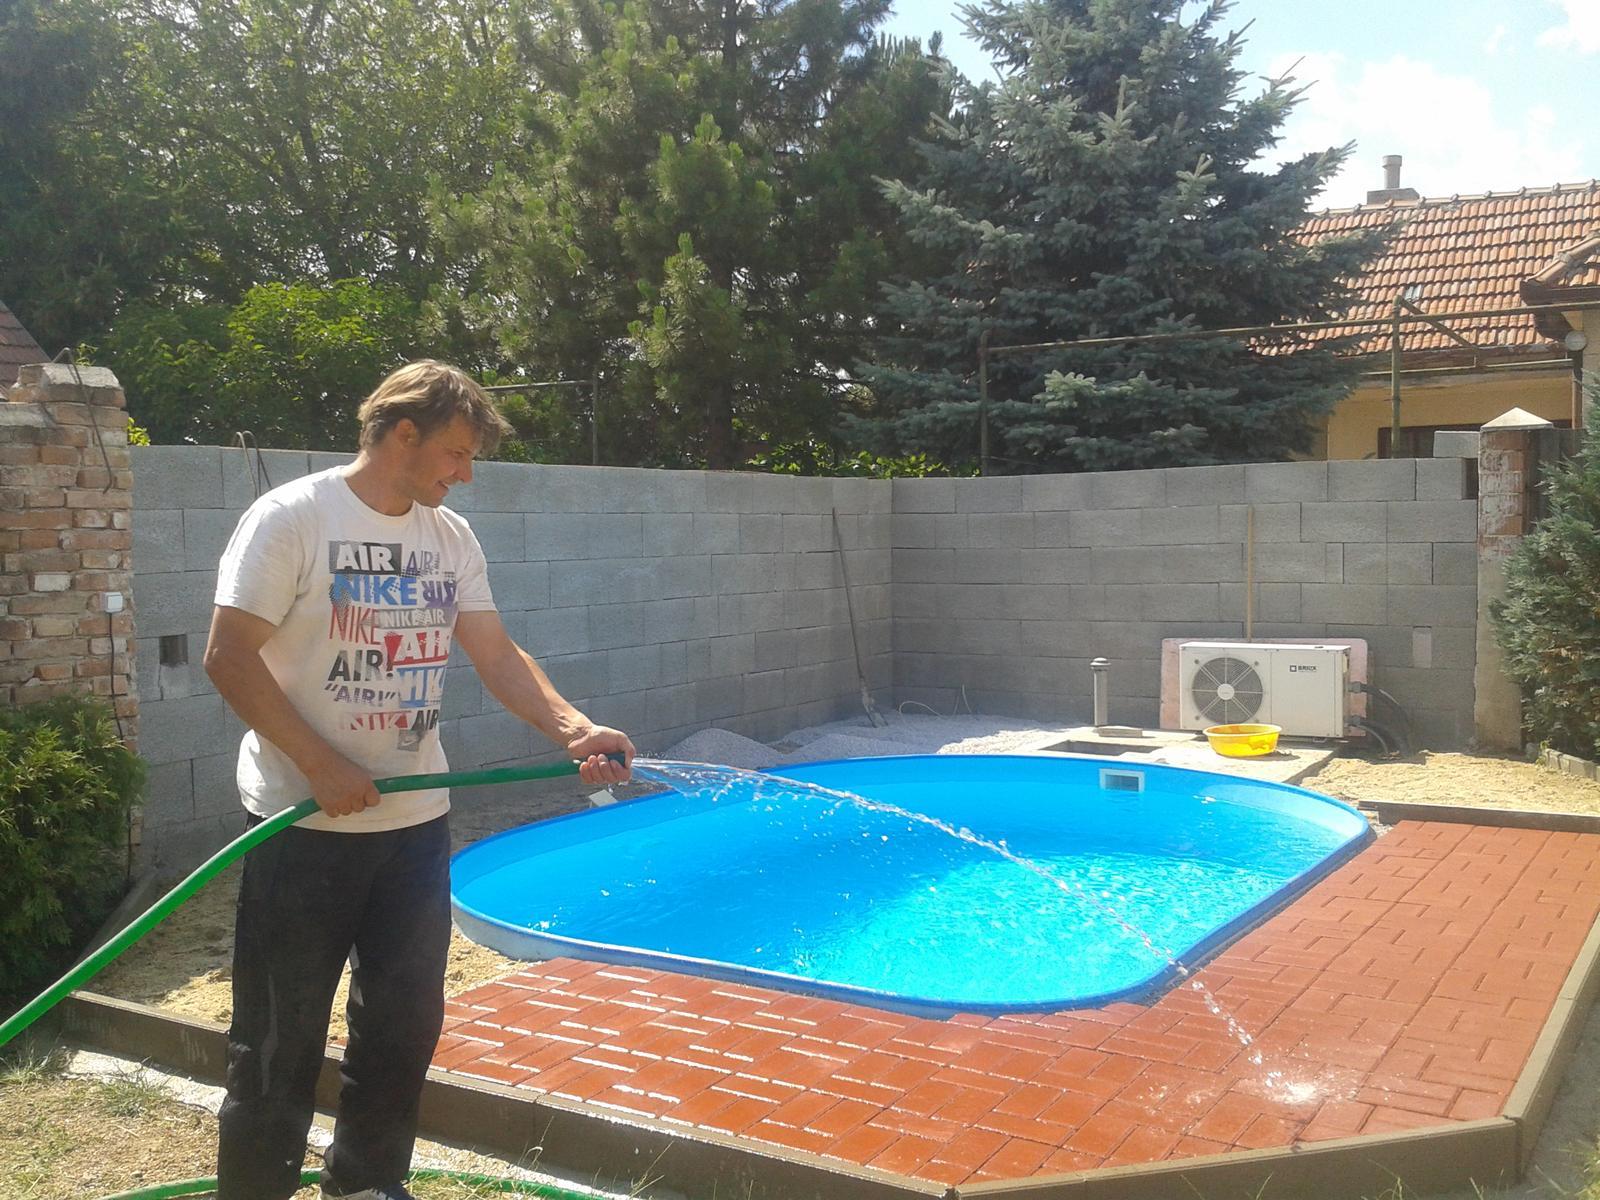 Náš starý domček - dorábame aj okolie okolo bazéna